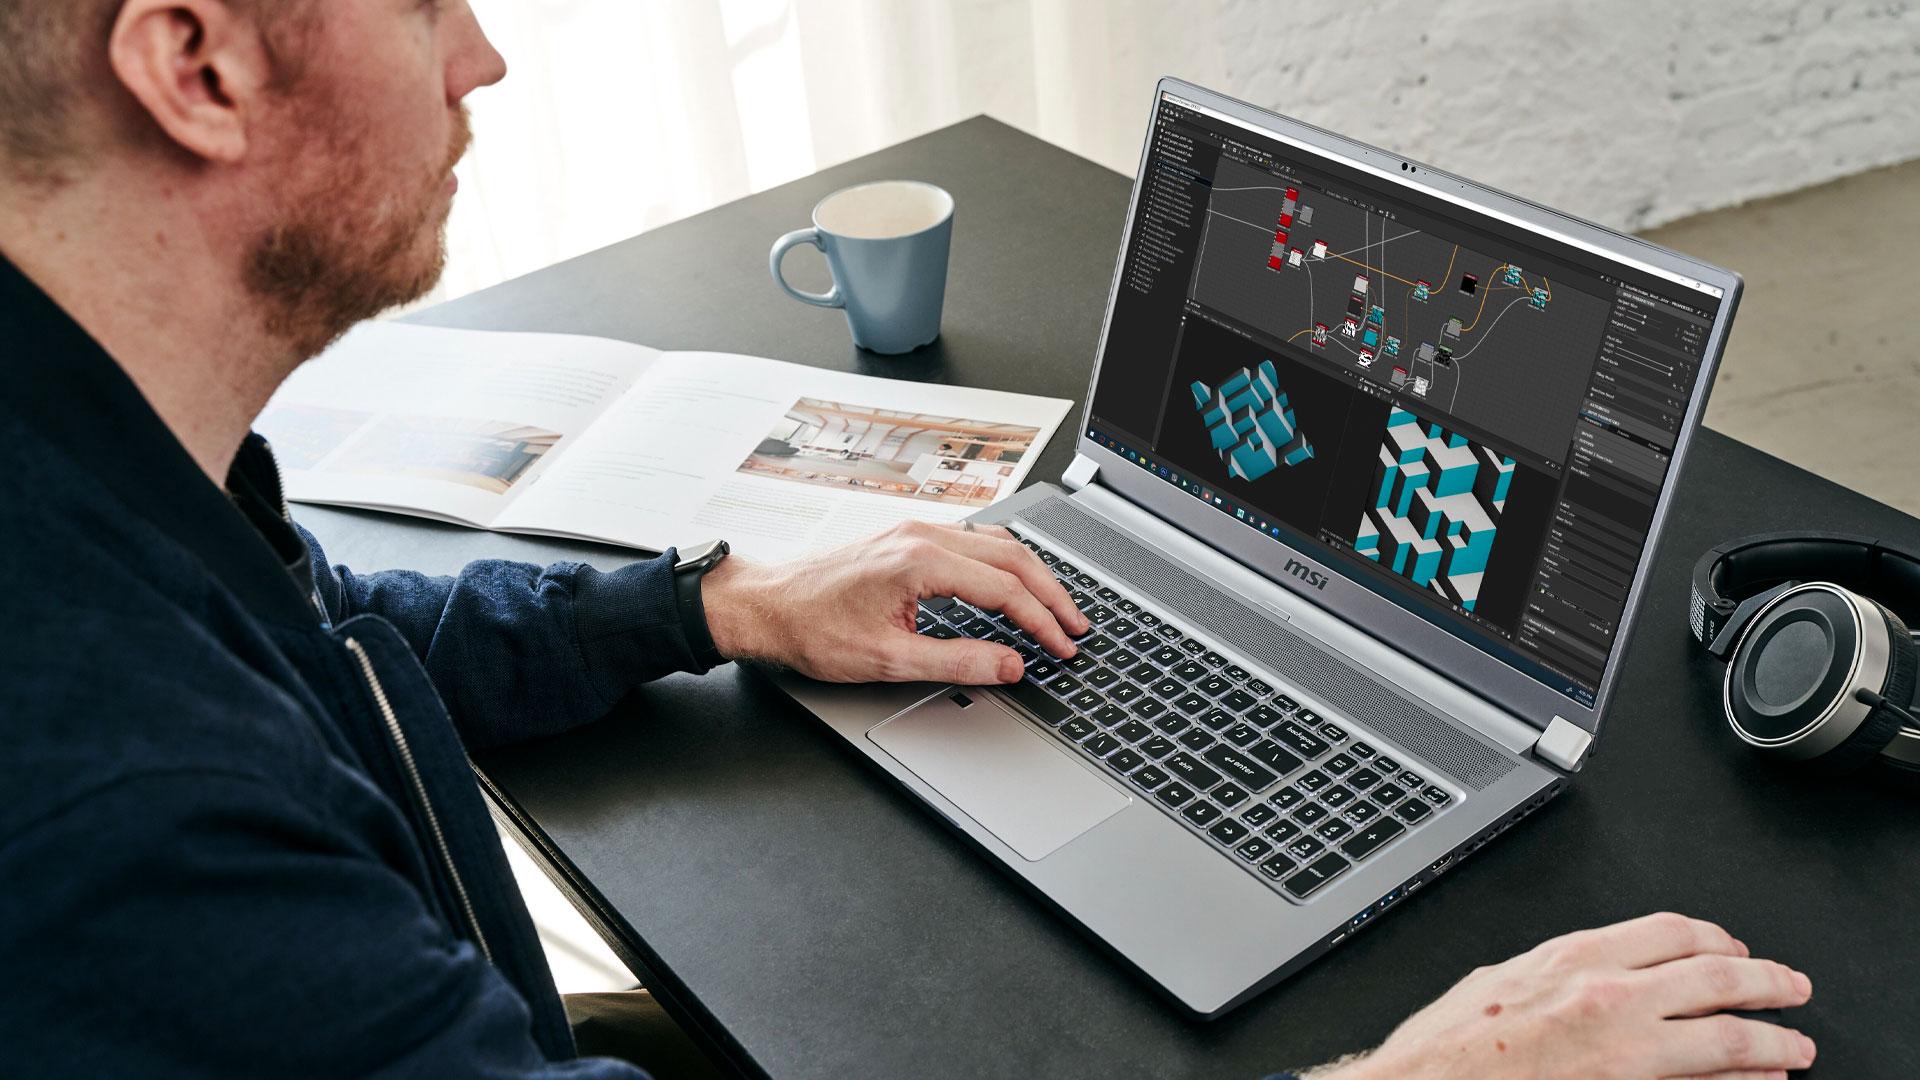 msi creator 17 laptop